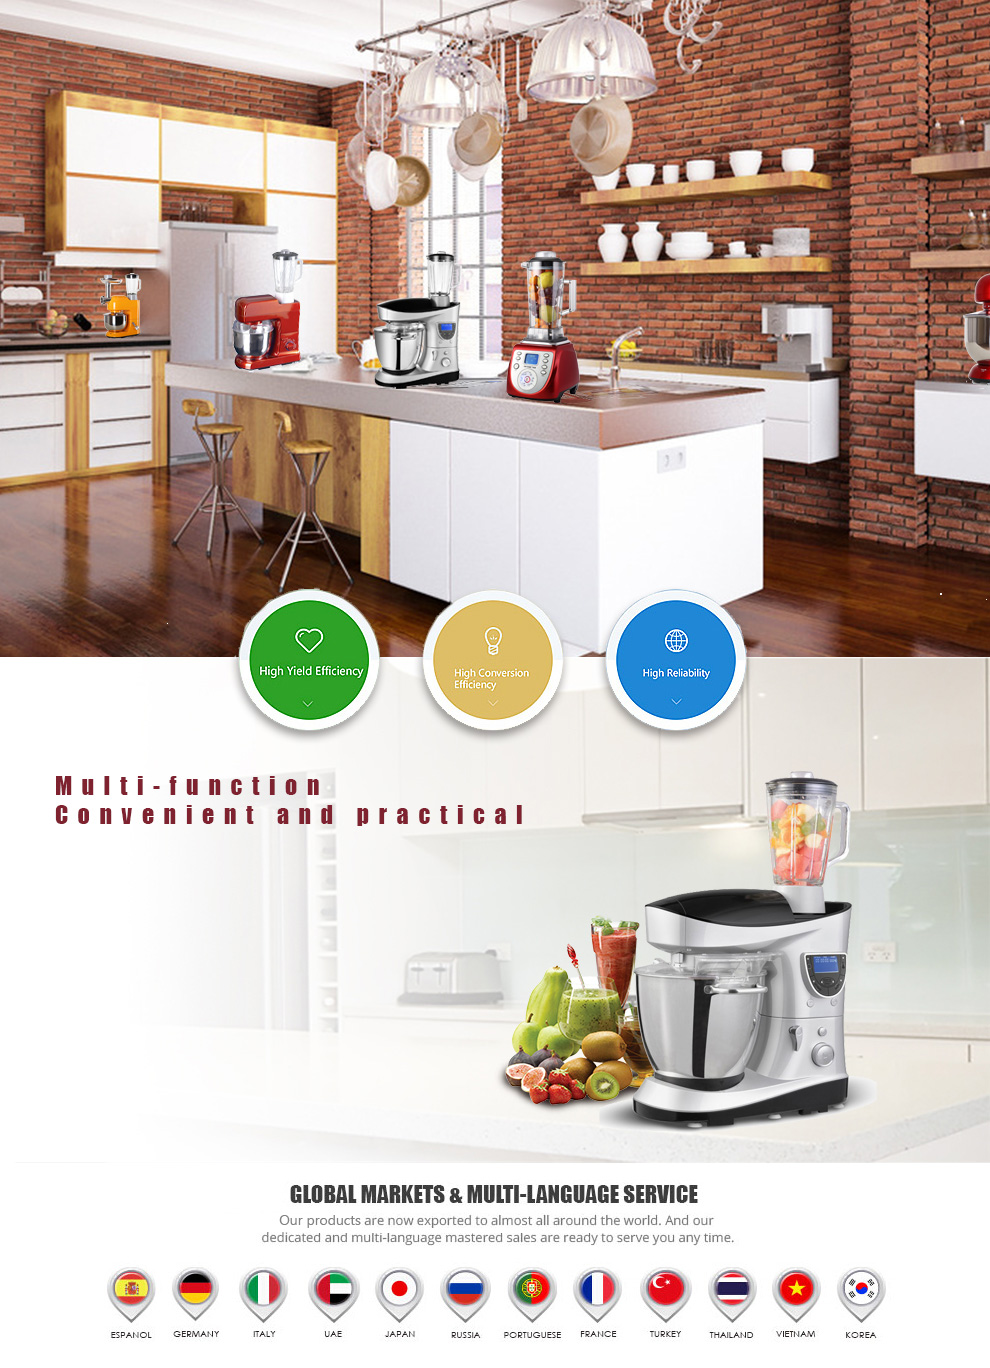 Dongguan Grand Plan Mold Industry Co., Ltd. - Stand mixer,Soup maker